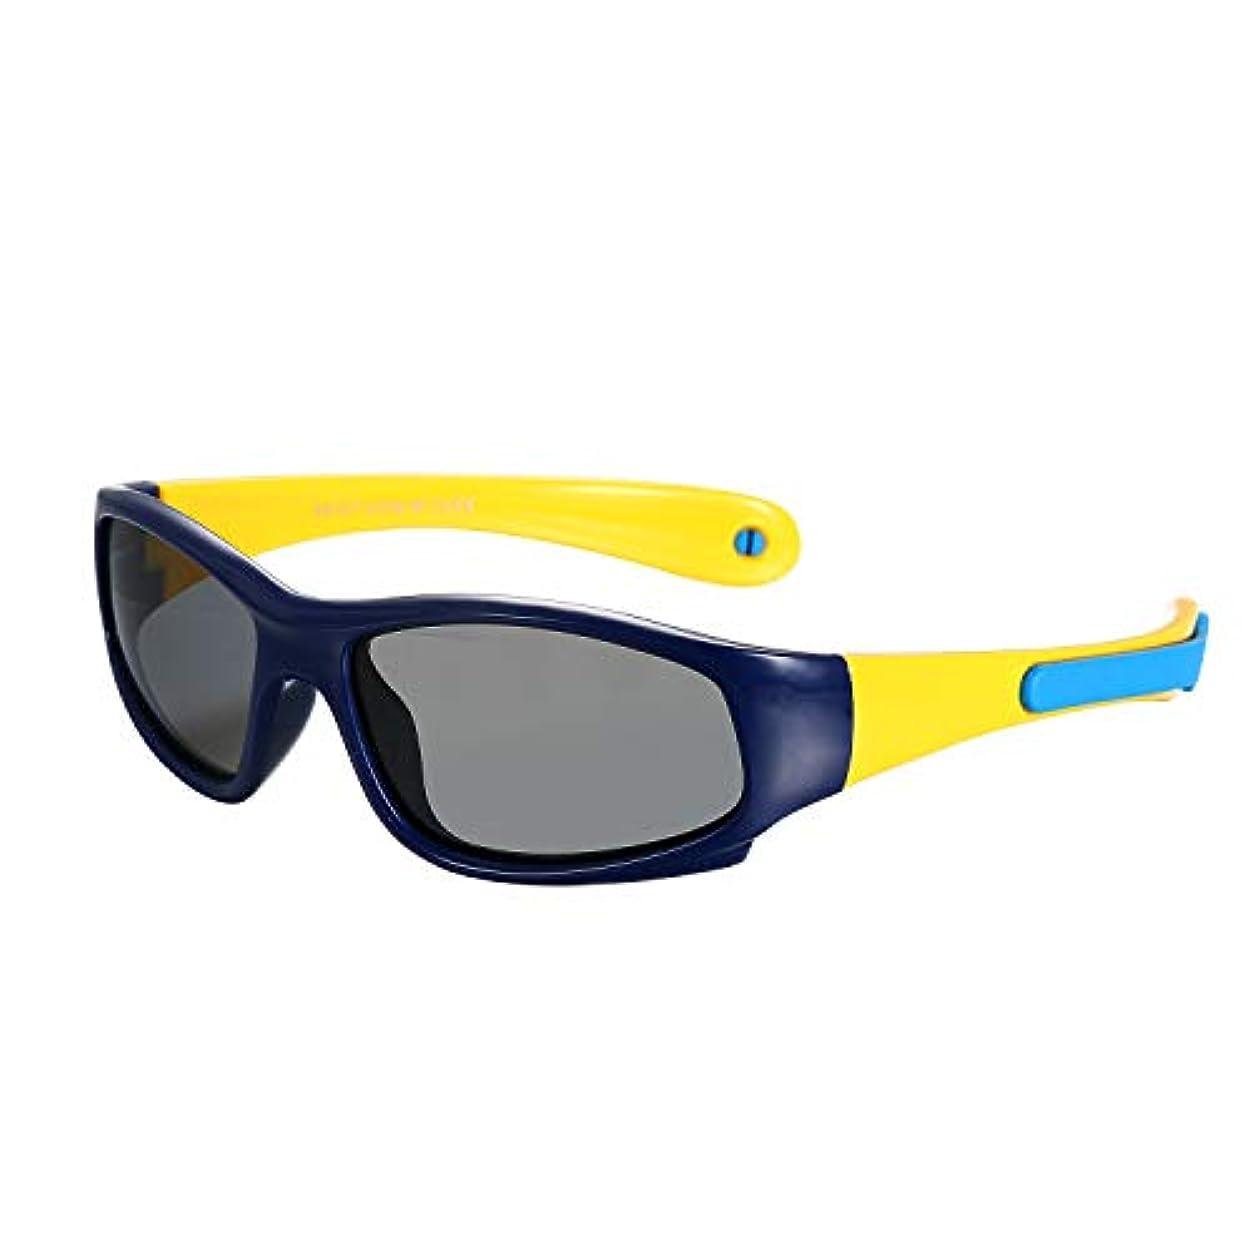 収束する一回パパAroncent サングラス 可愛い 偏光レンズ メガネ TAC 紫外線カット UV400 日焼け シリコン アウトドアサングラス 日光浴 釣りドライブ 釣り 旅行 登山 ケース ブルー